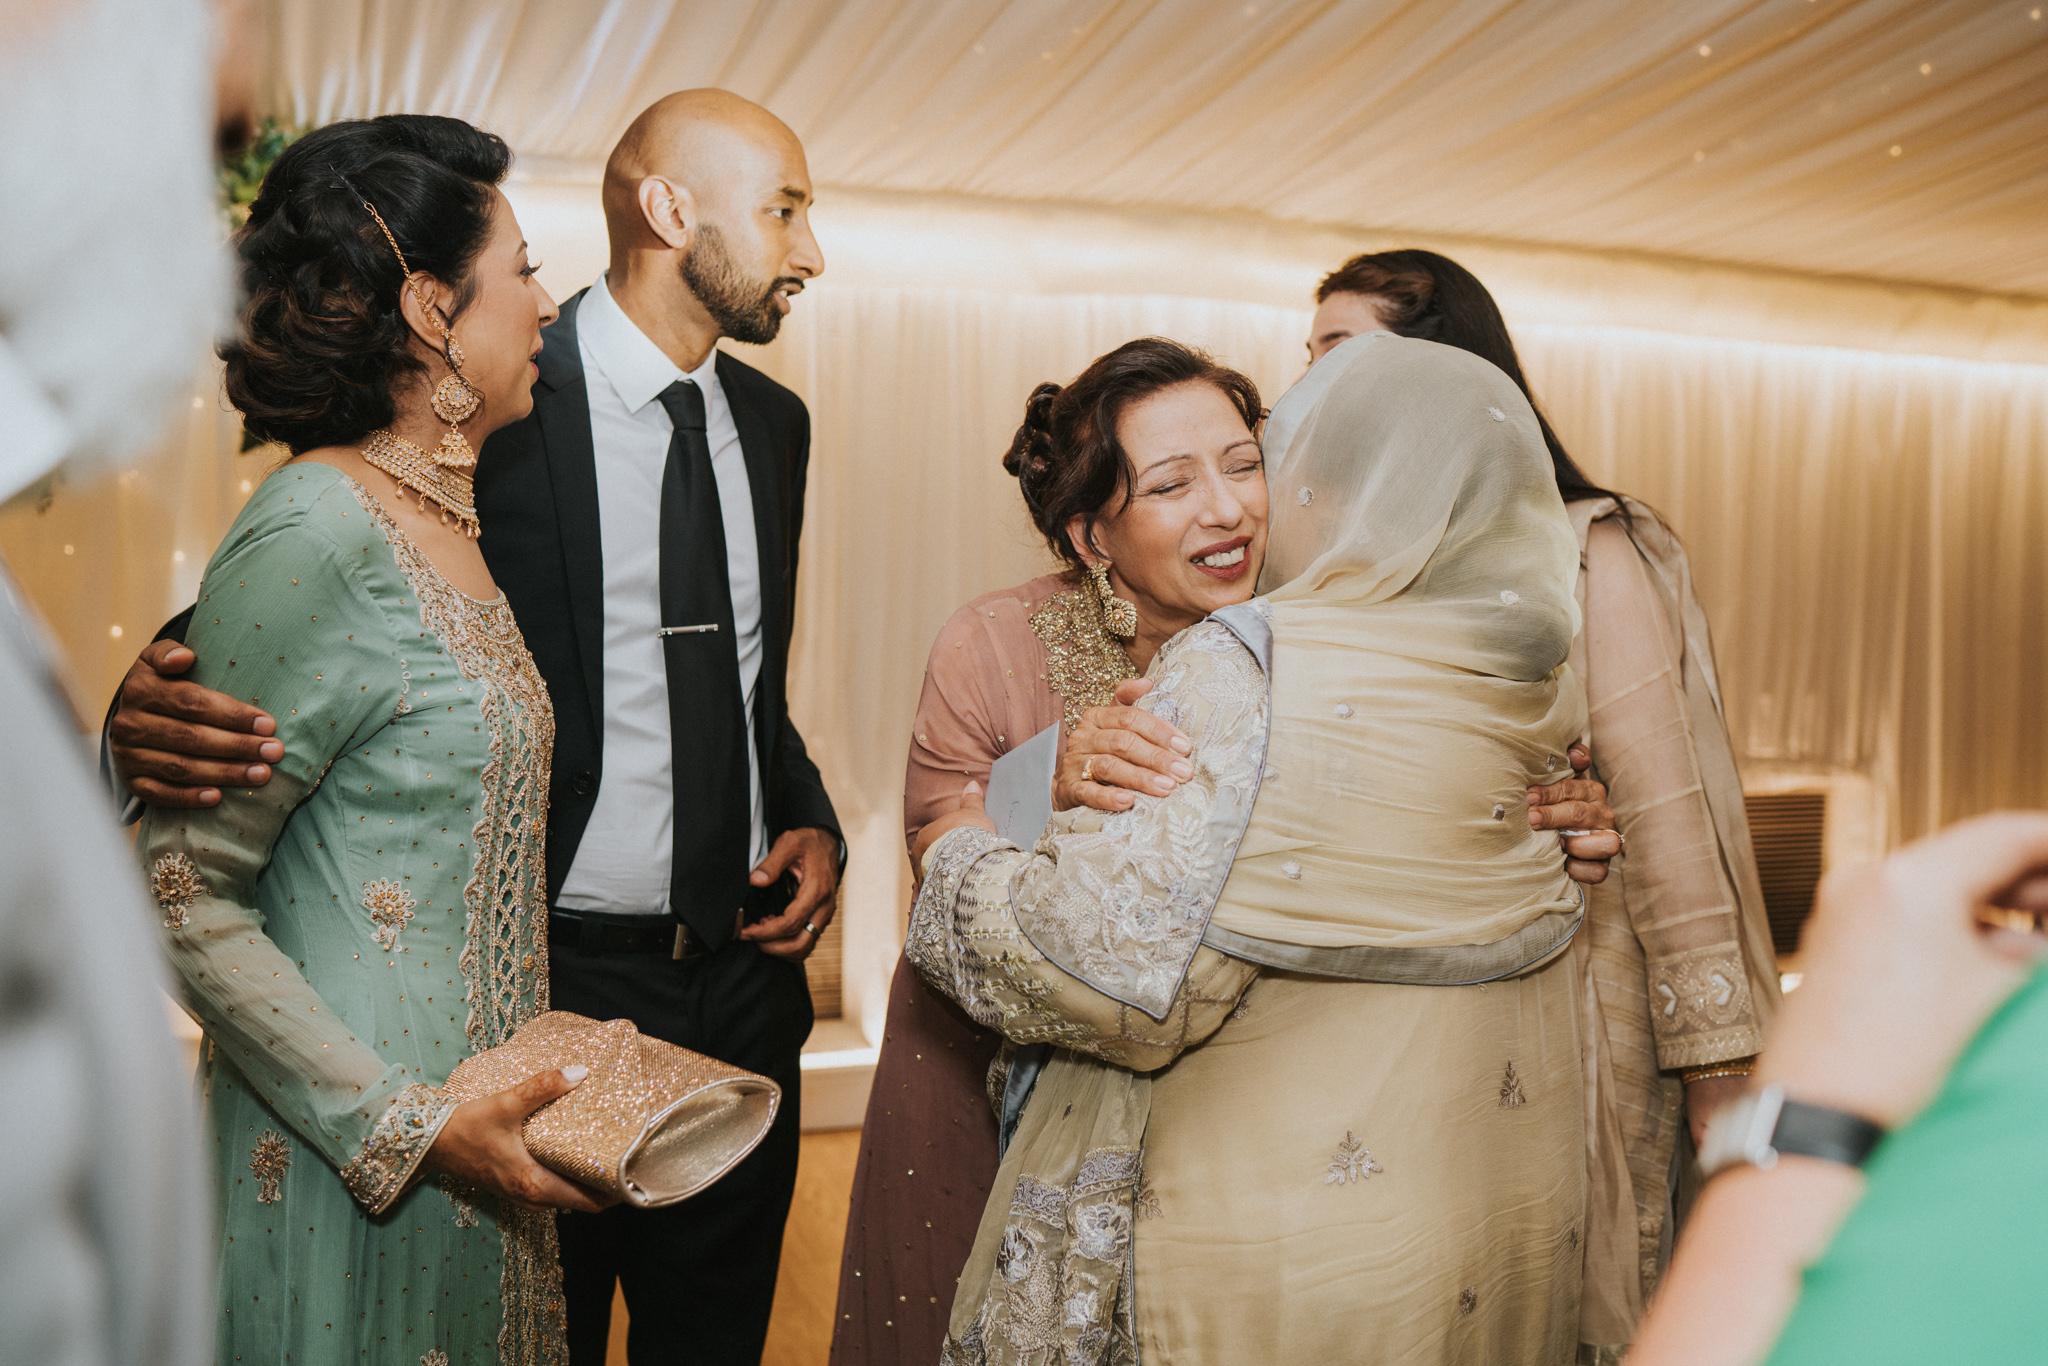 lizzie-faz-fennes-asian-fusion-wedding-grace-elizabeth-colchester-essex-alternative-wedding-lifestyle-photographer-essex-suffolk-norfolk-devon (50 of 55).jpg